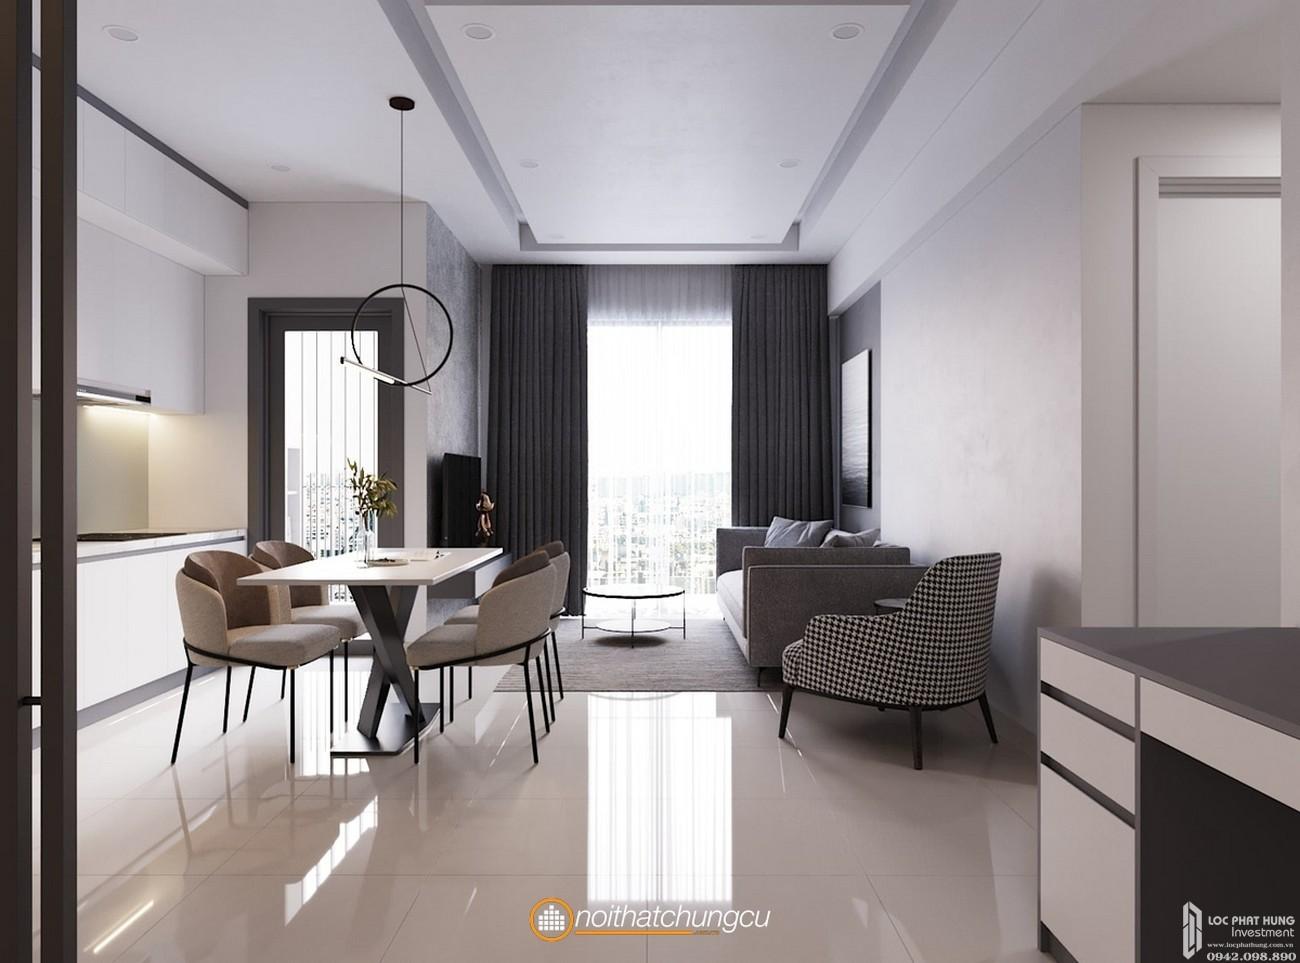 Nhà mẫu dự án căn hộ chung cư Venus Luxury Quận 5 Số 66 Đường Tân Thành chủ đầu tư Tân Thành